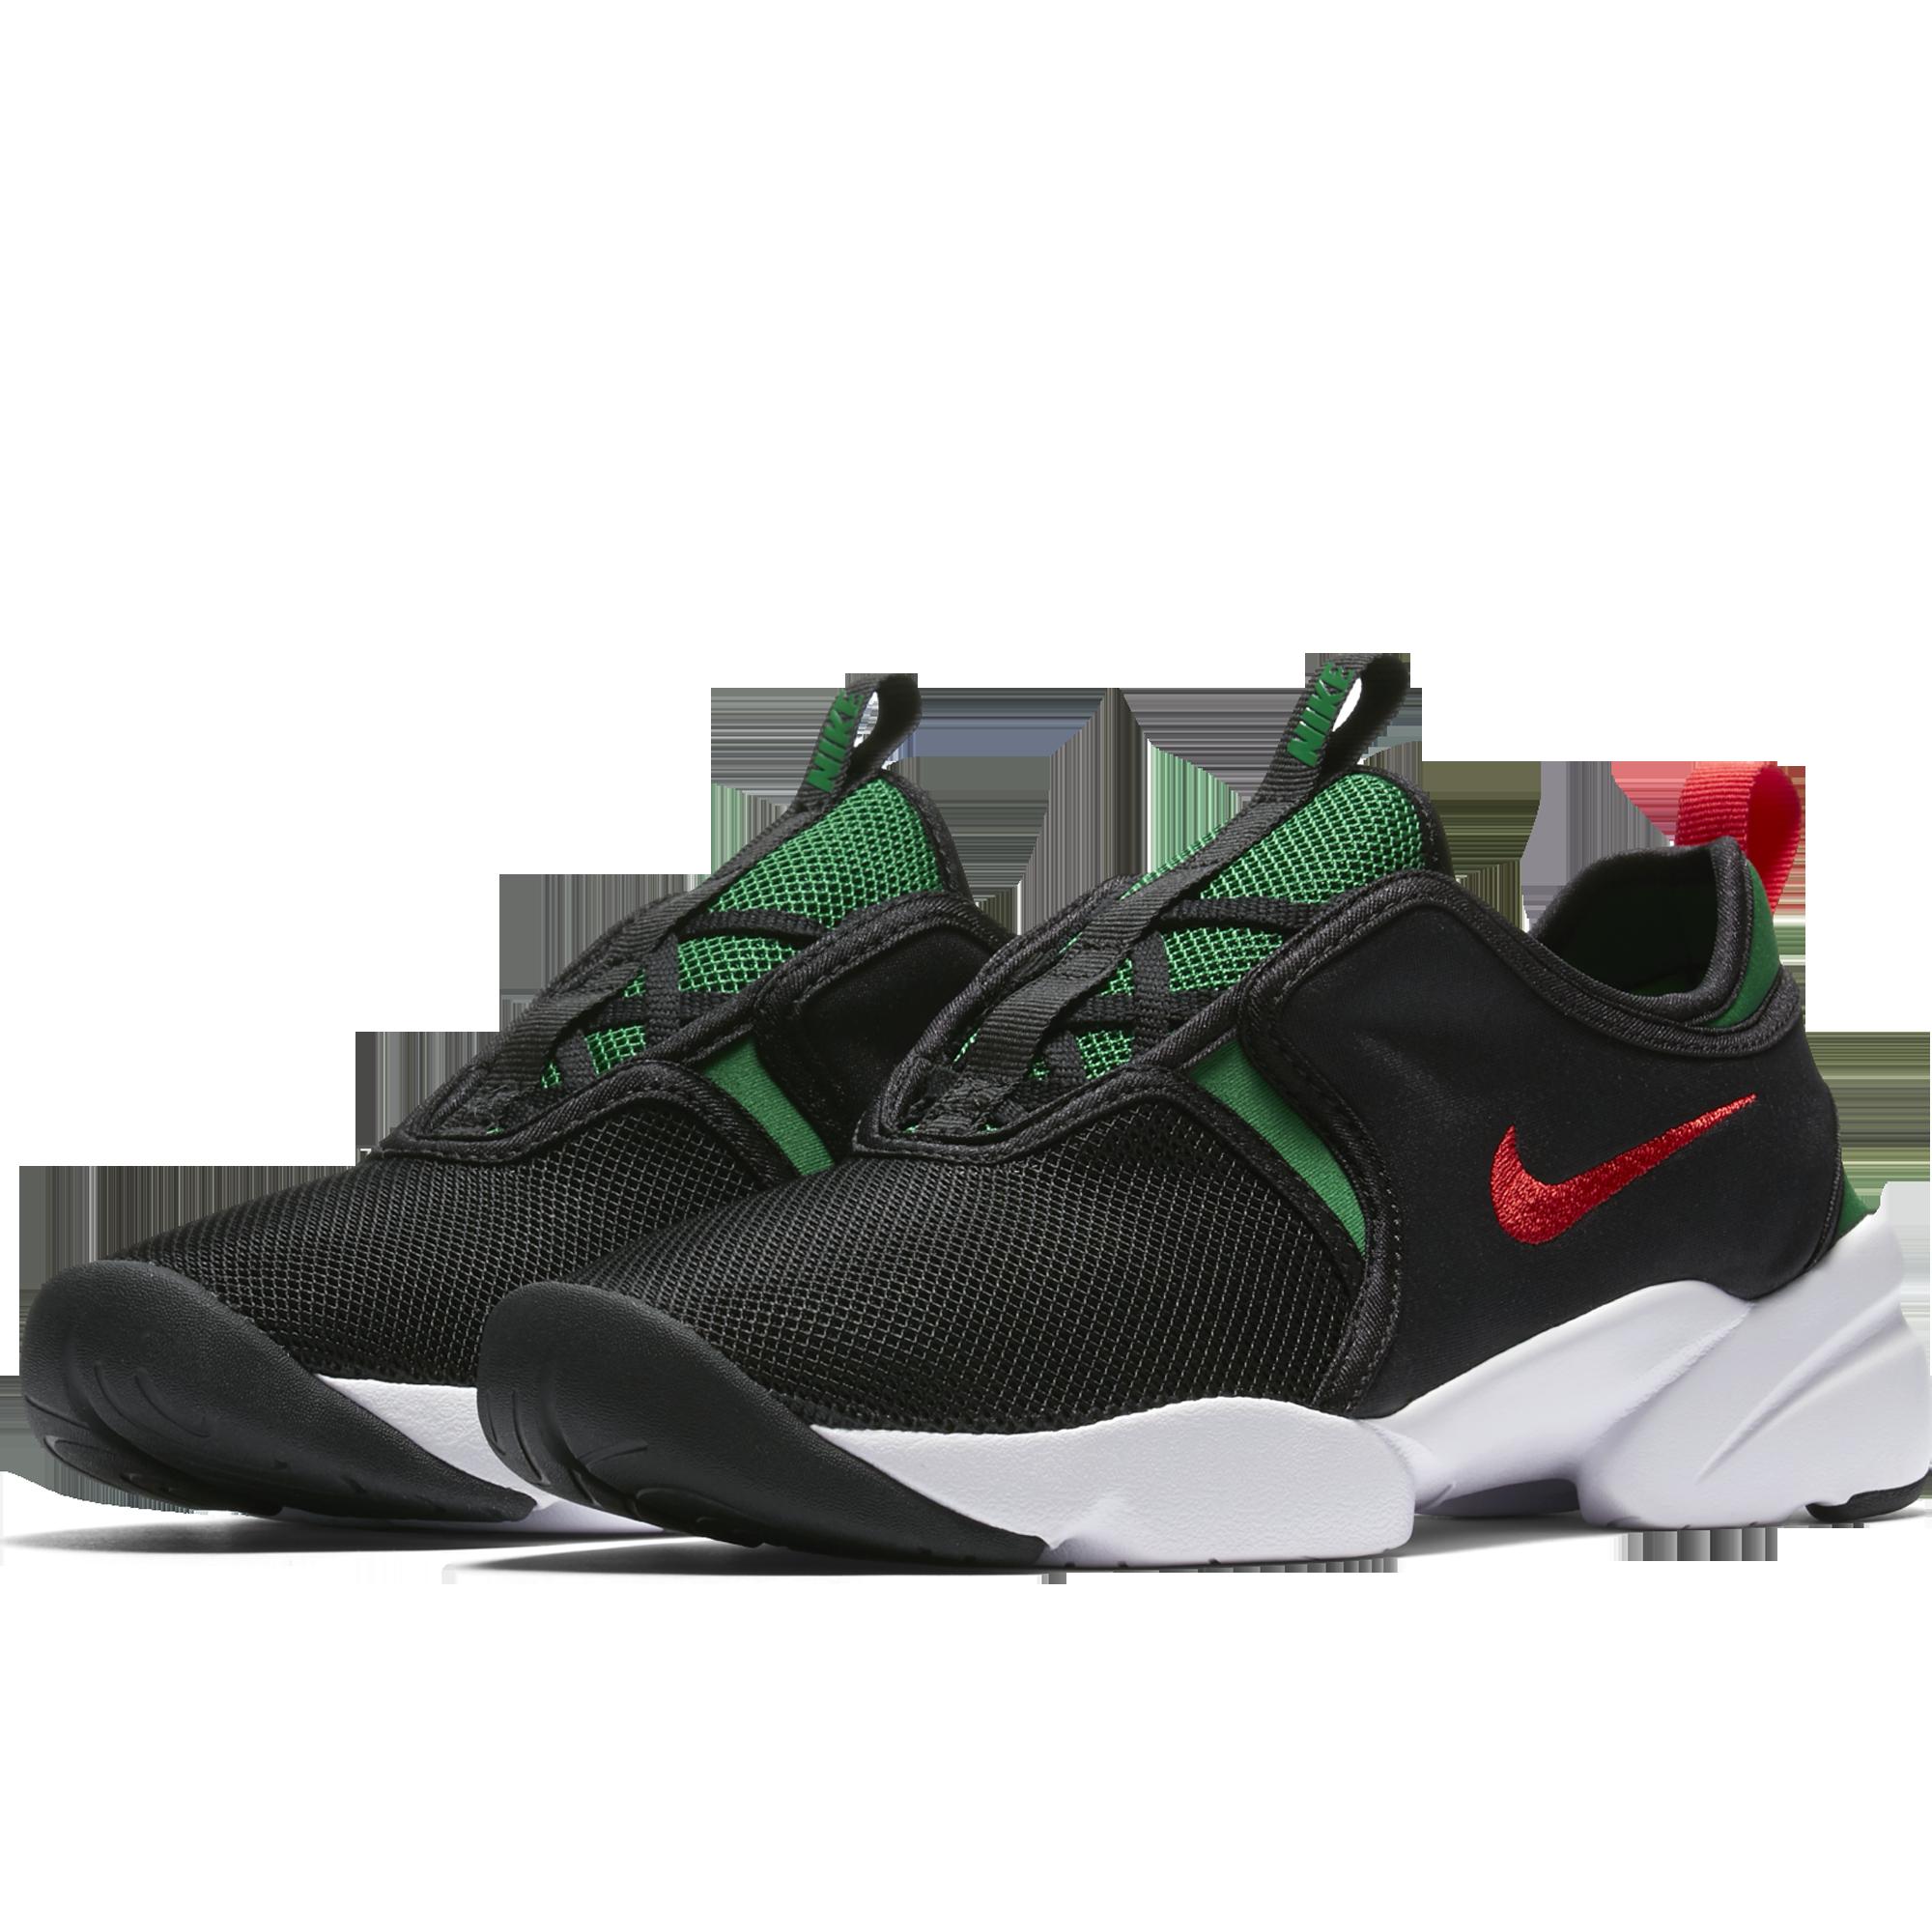 [Nike] 나이키 로덴 나이키, 디자이너 신발, 신발